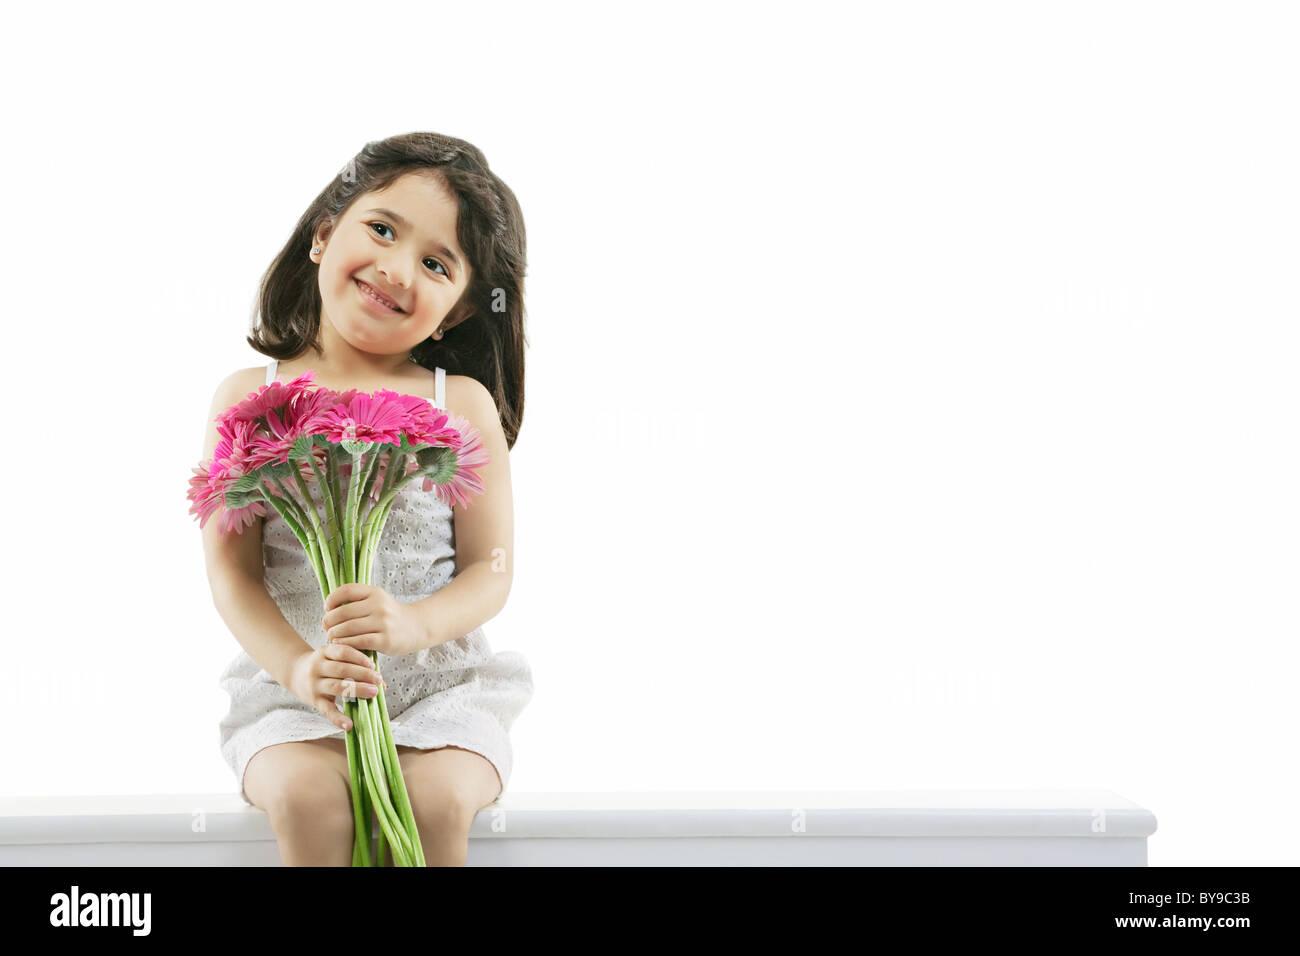 Porträt eines Mädchens mit Blumen Stockbild